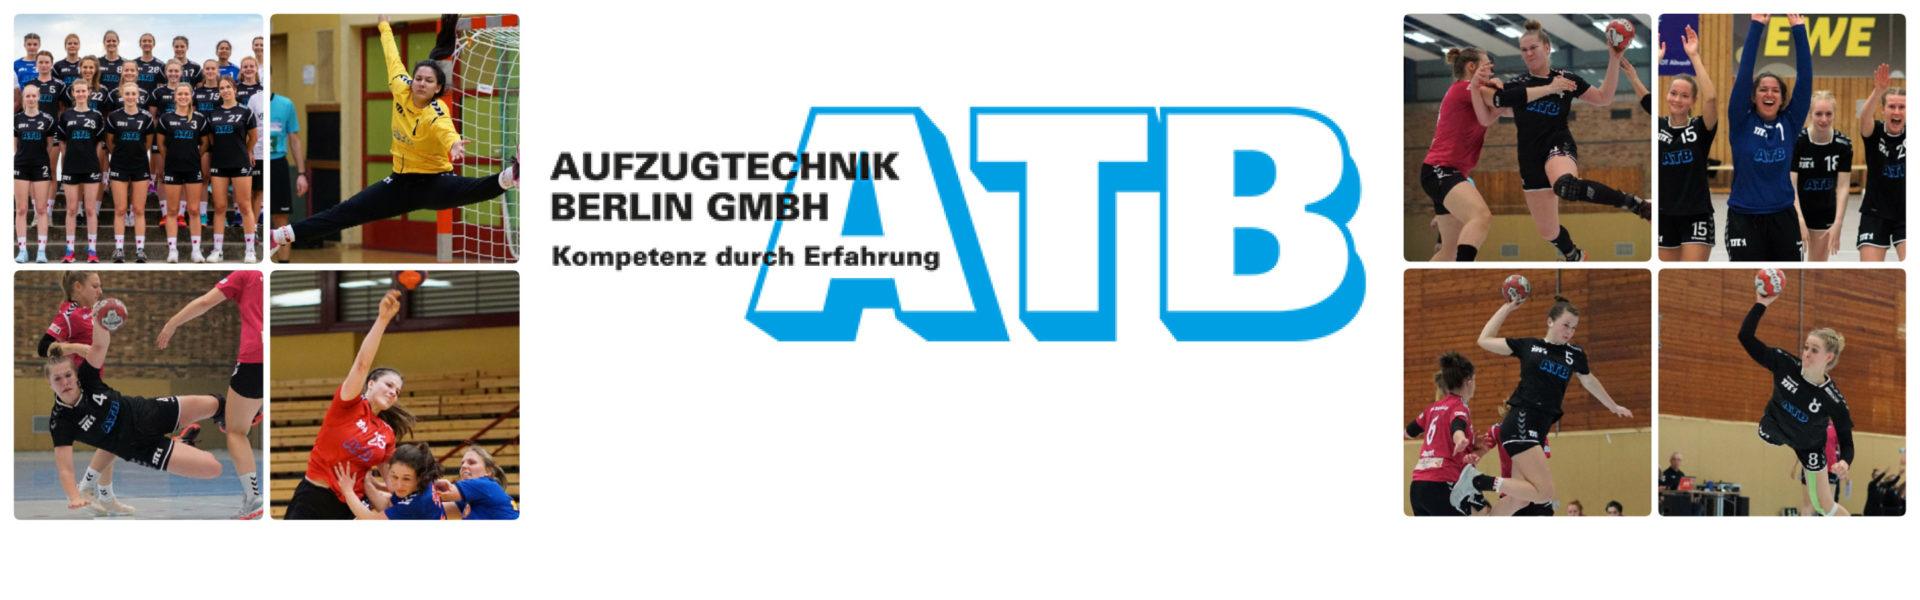 Hauptsponsor ATB Aufzugtechnik Berlin